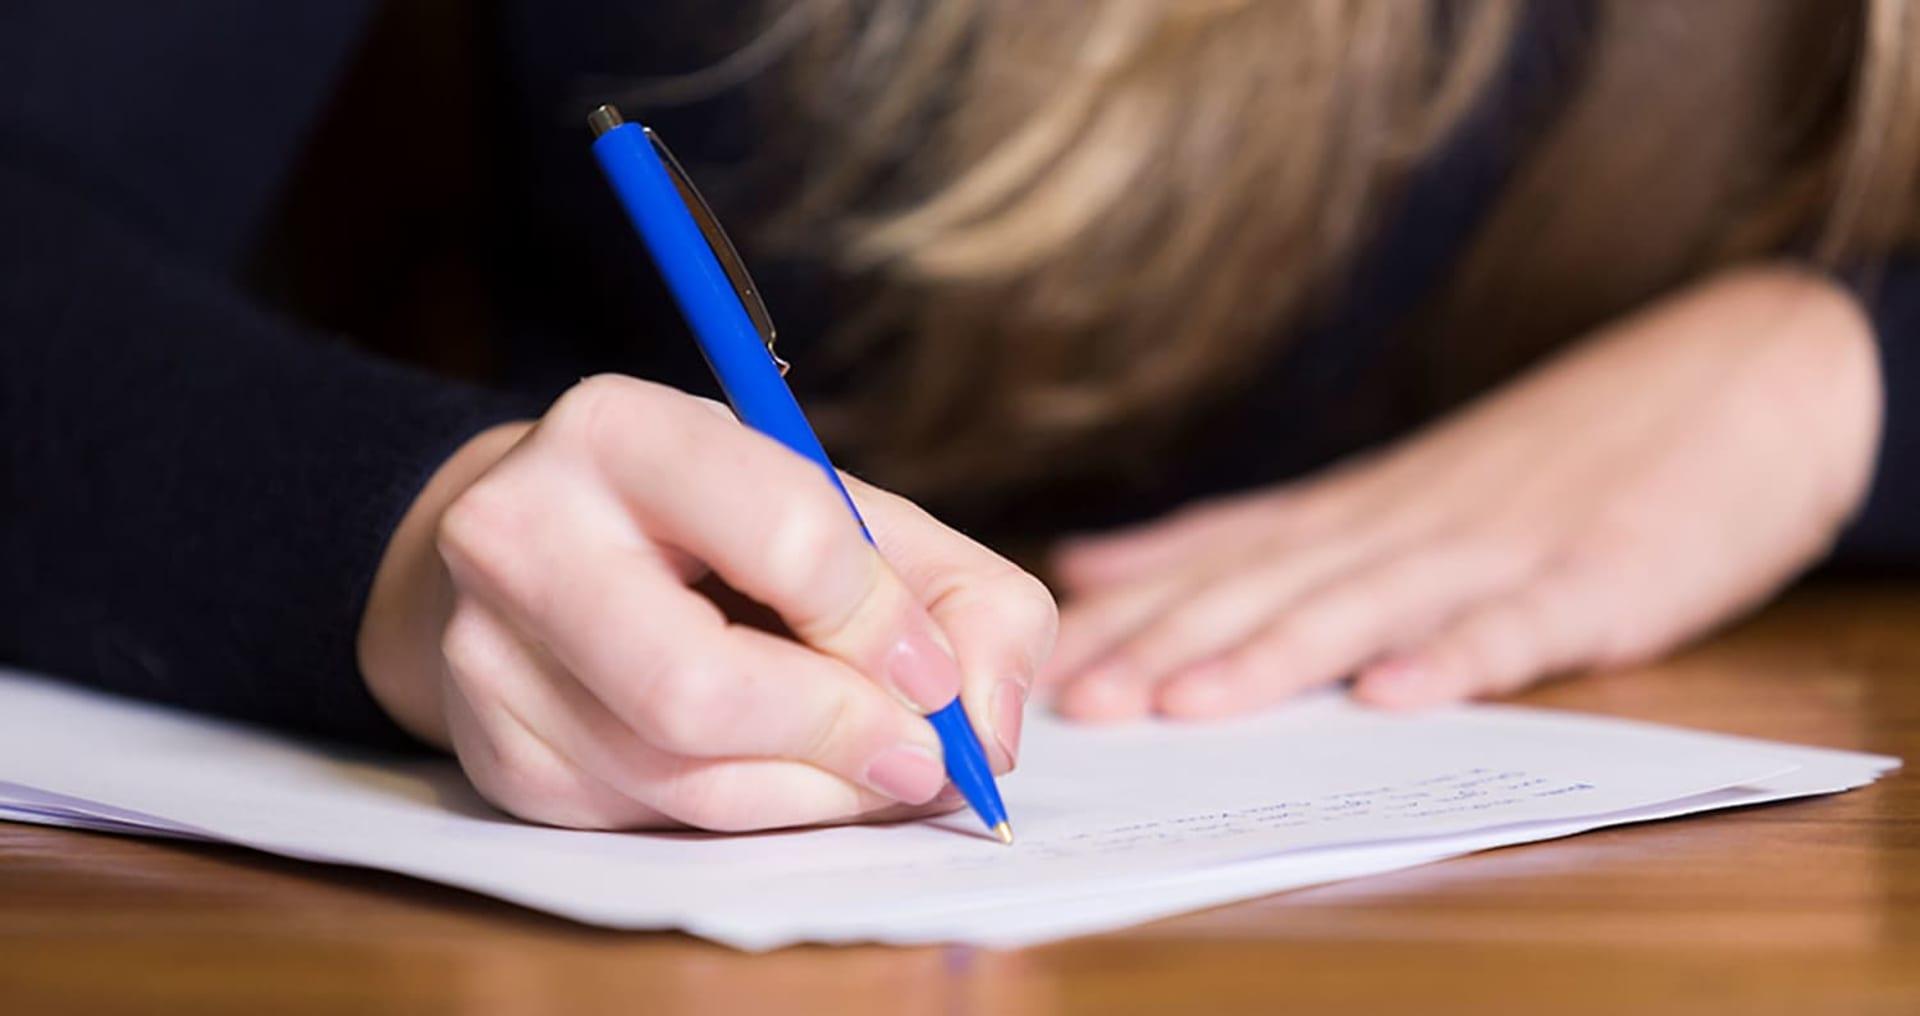 SØK I TIDE: Husk å søke om foreldrepermisjon i tide. Det er Nav som forvalter reglene om foreldrepenger. Finansforbundet kan bistå i forbindelse med spørsmål knyttet opp mot arbeidsgiver i forbindelse med foreldrepermisjonen.